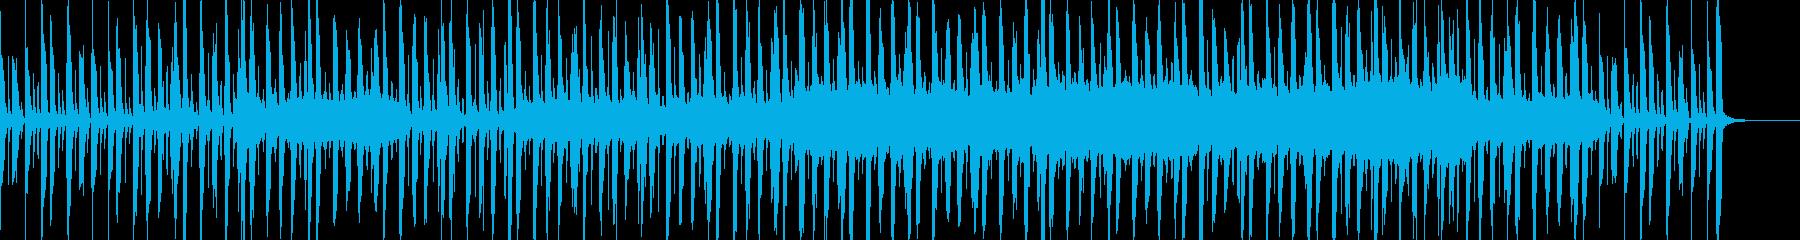 楽しい・ワイワイ アコギ・オルガンの再生済みの波形